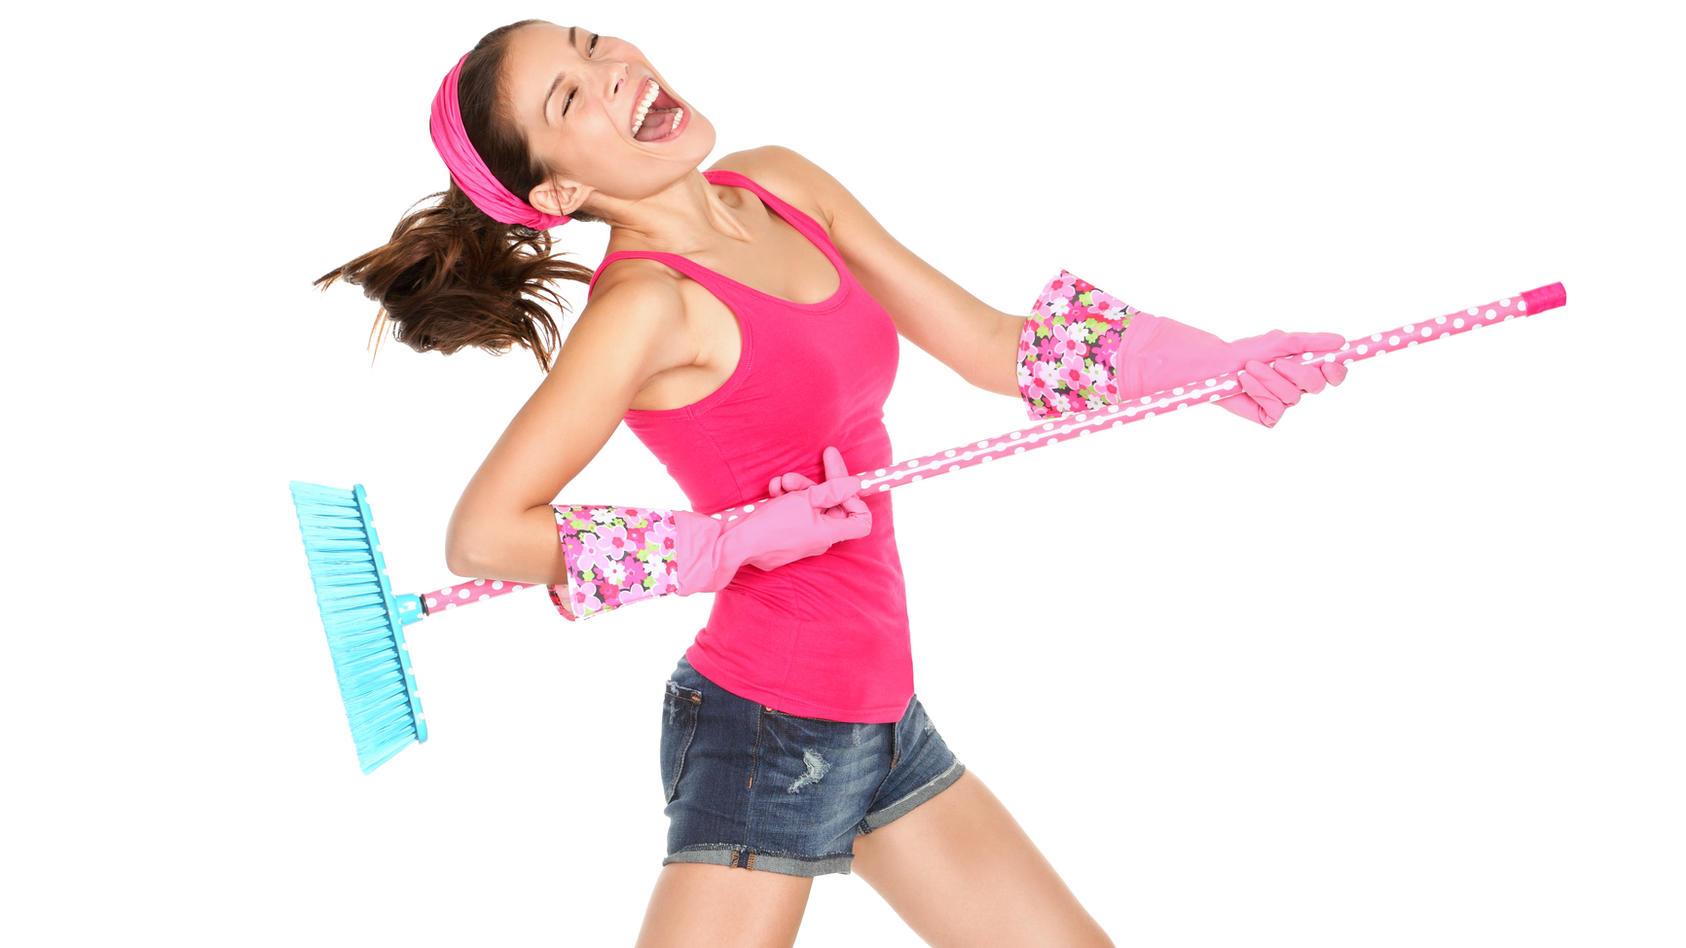 Speed Cleaning - wie kann man schneller saubermachen?